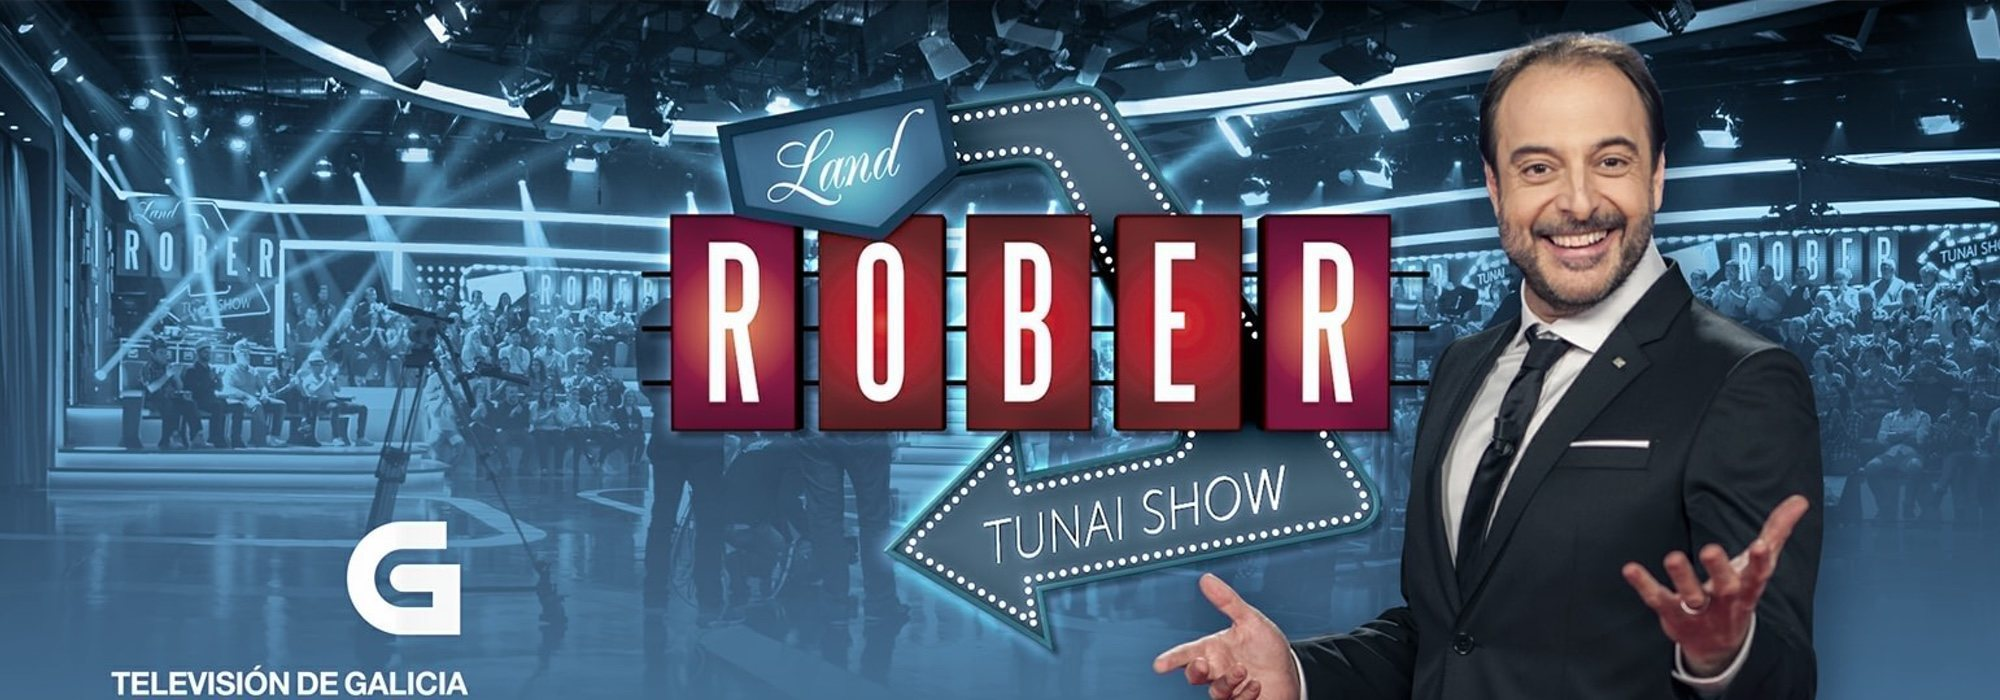 Land Rober - Tunai Show